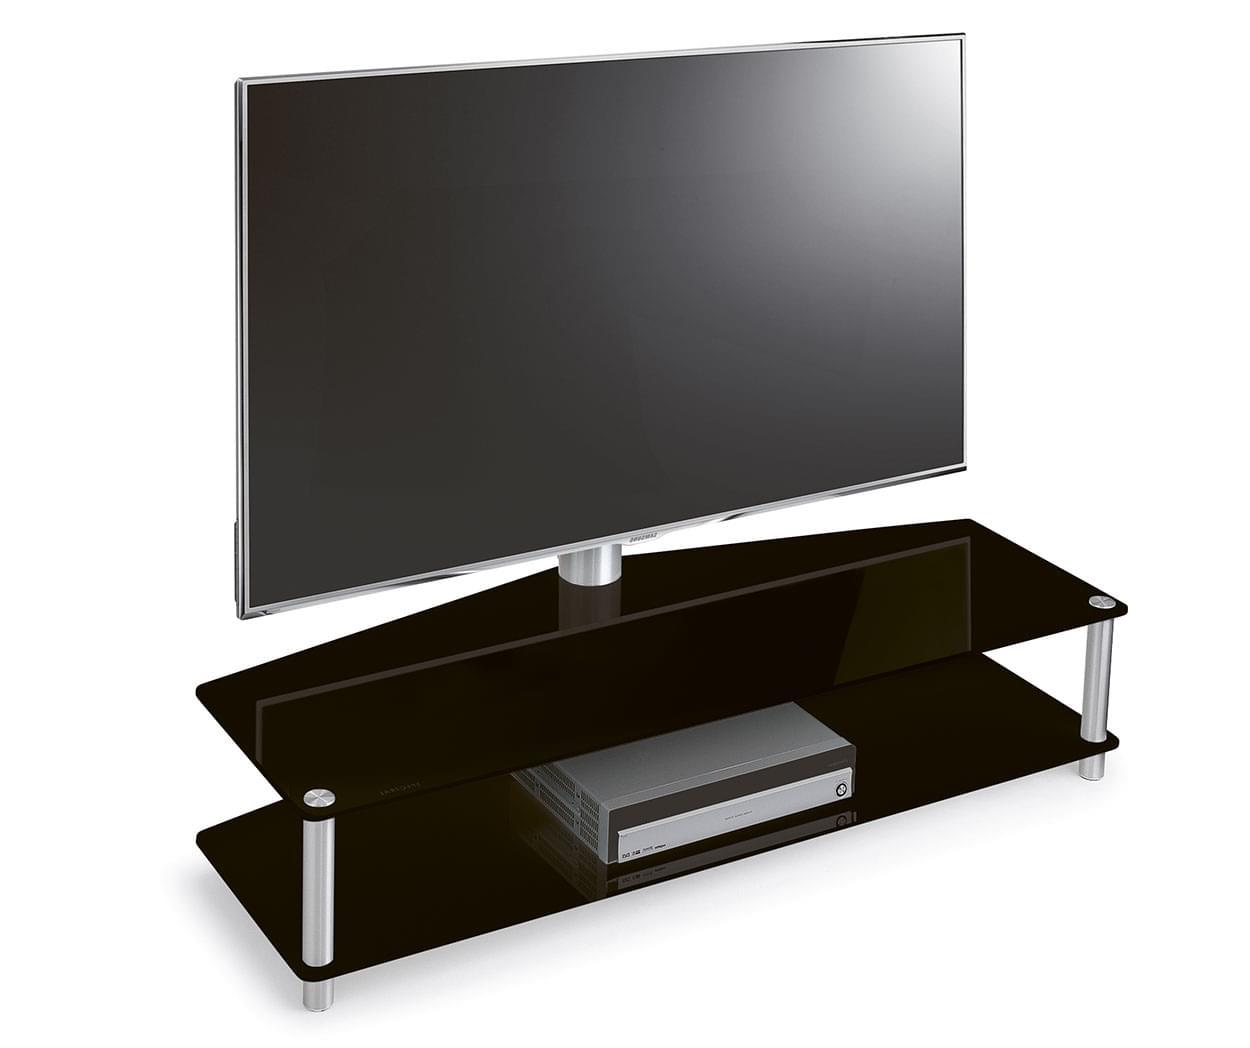 Tv Meubel Hoek Glas.Spectral Panel Tv Meubel Glas Spectral Nl